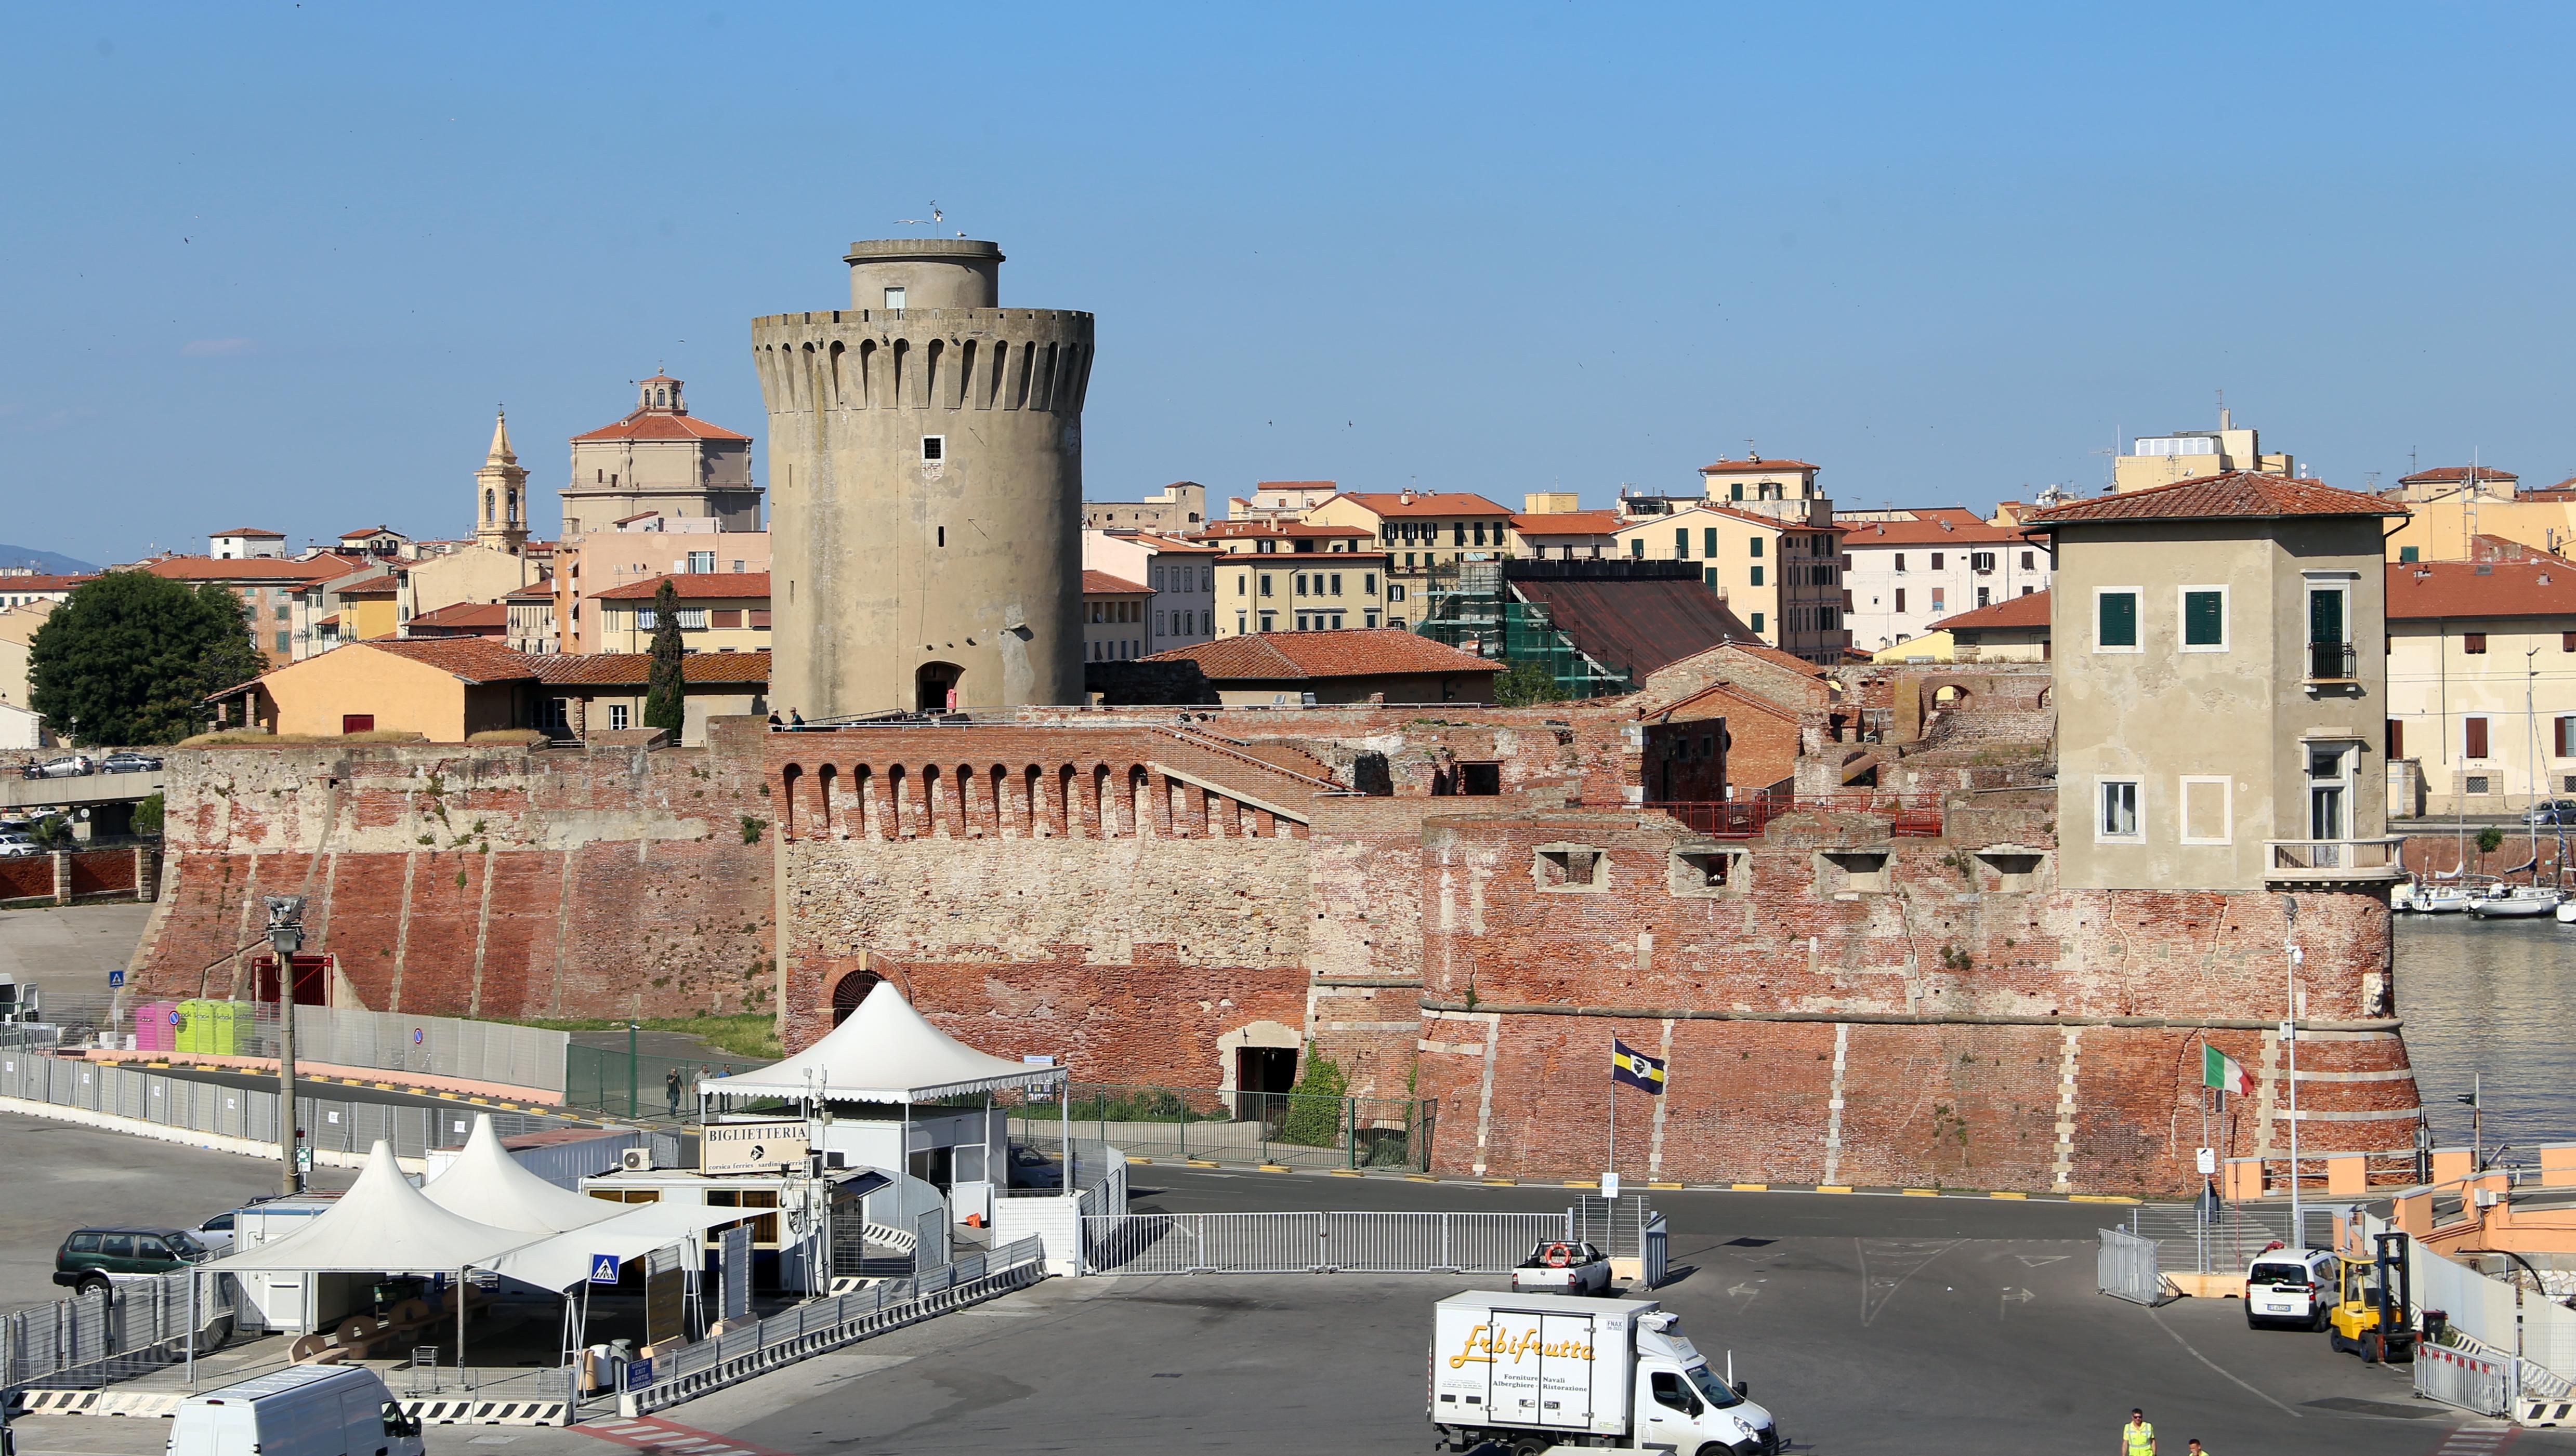 Old Fortress Livorno Wikipedia